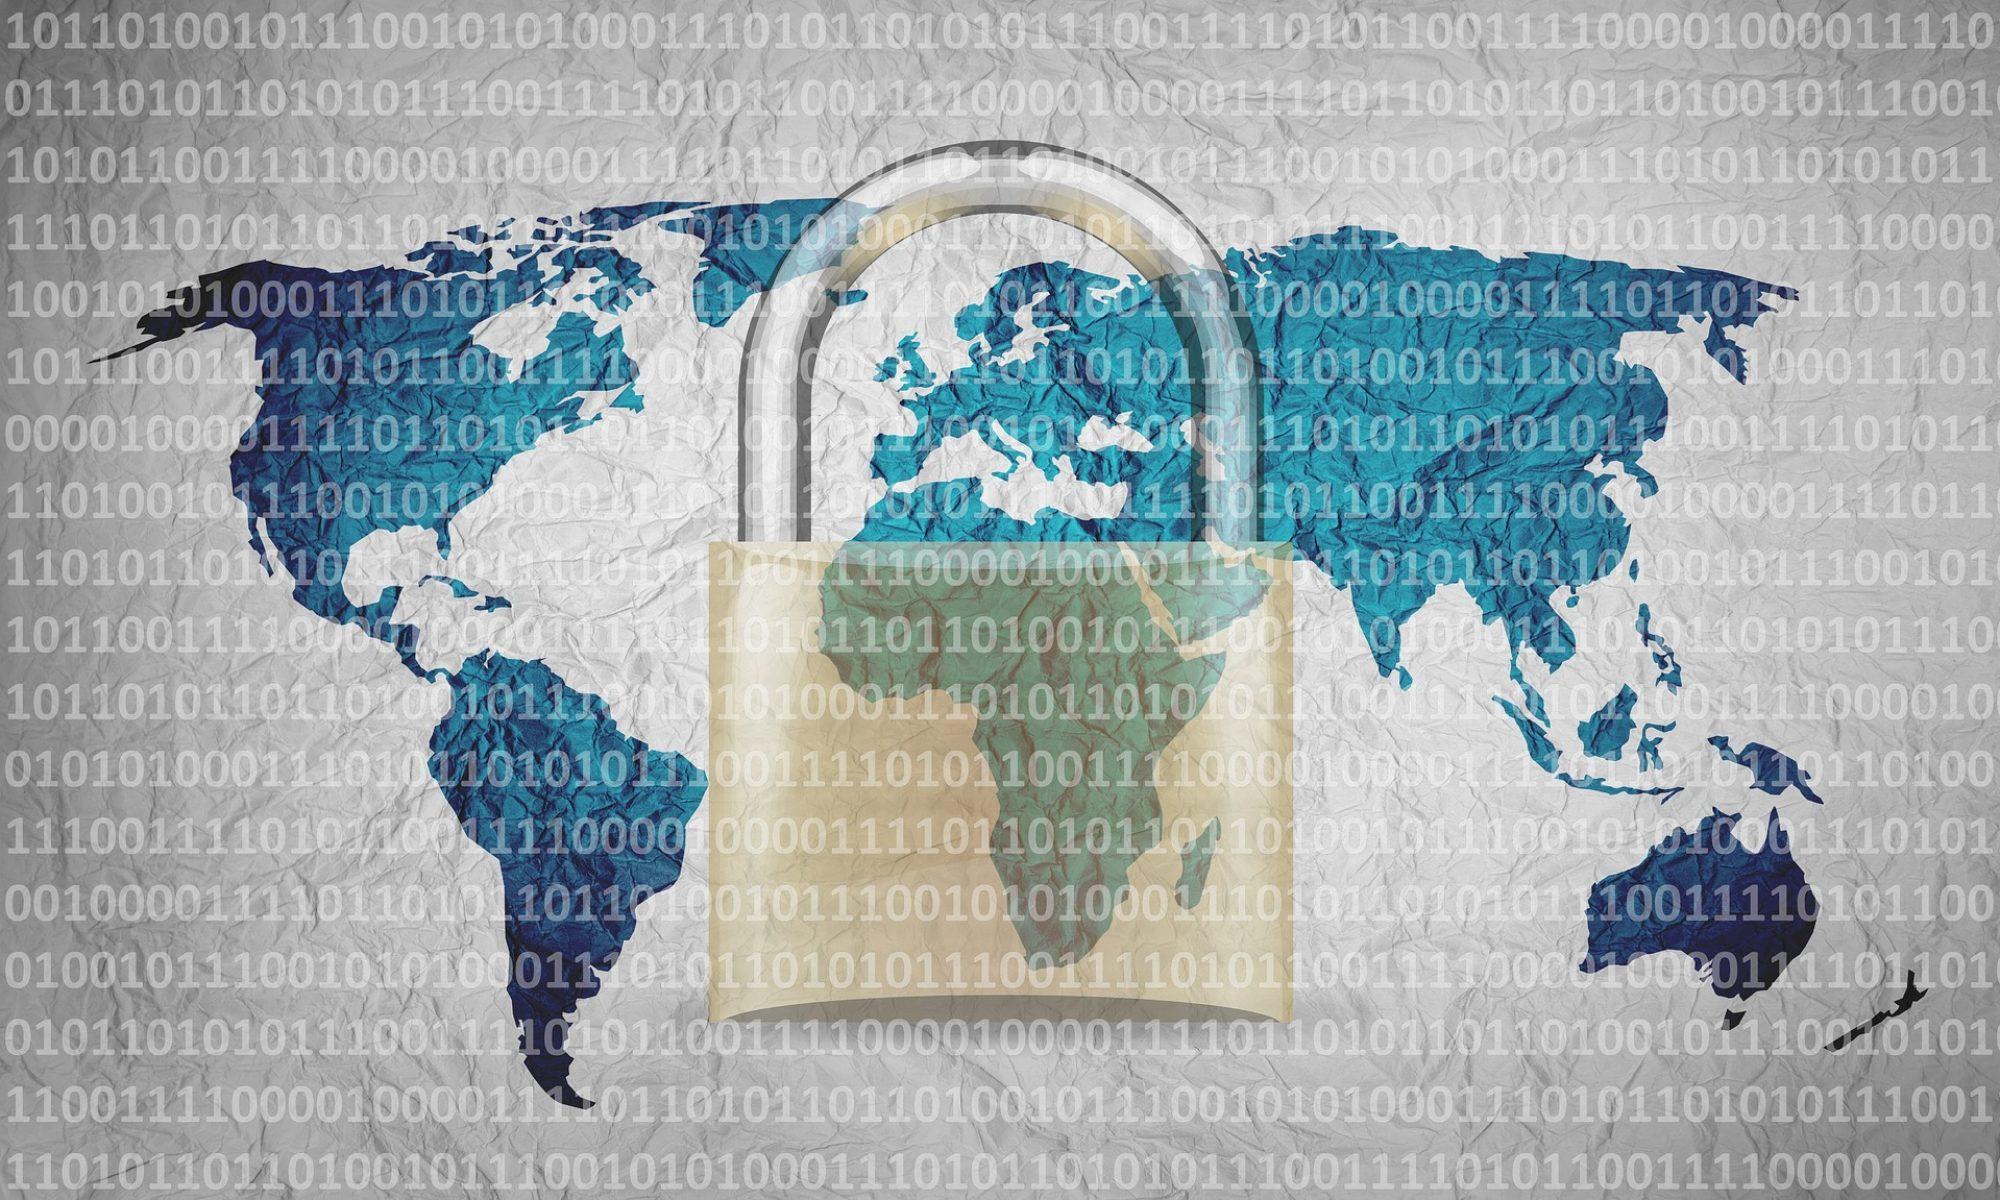 VšĮ Informacijos Saugumo Centras